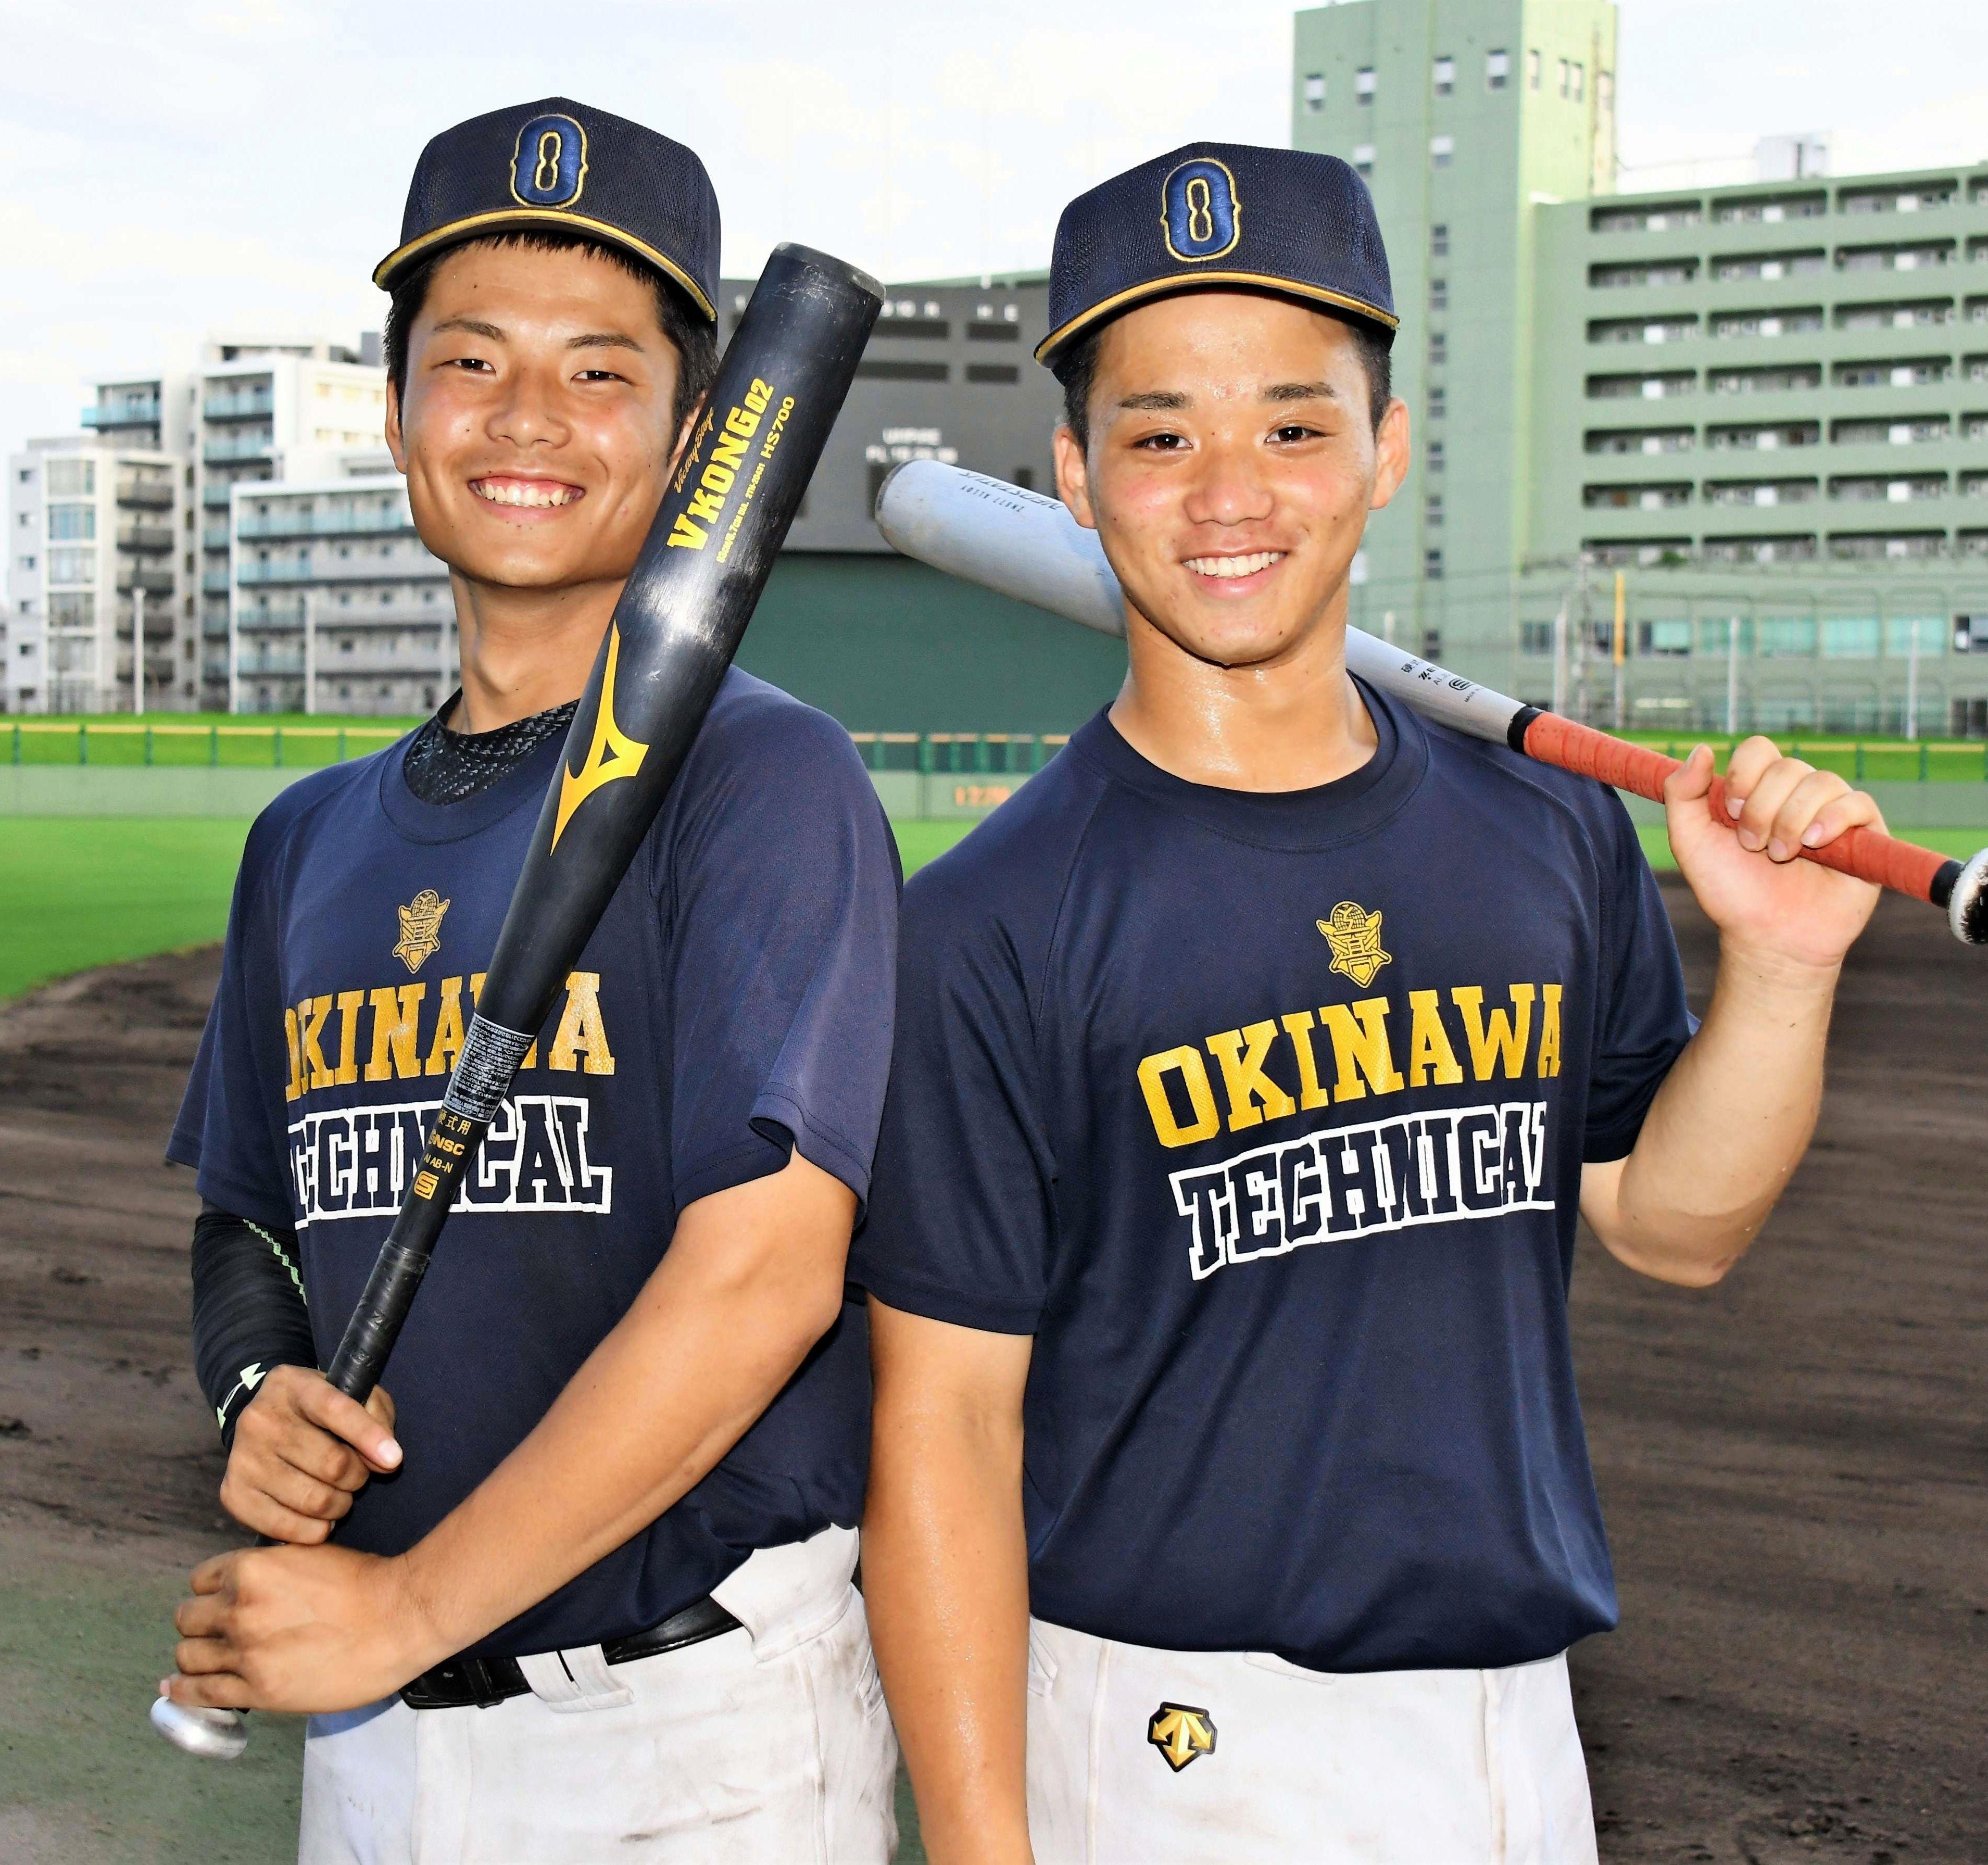 高校 部 大崎 野球